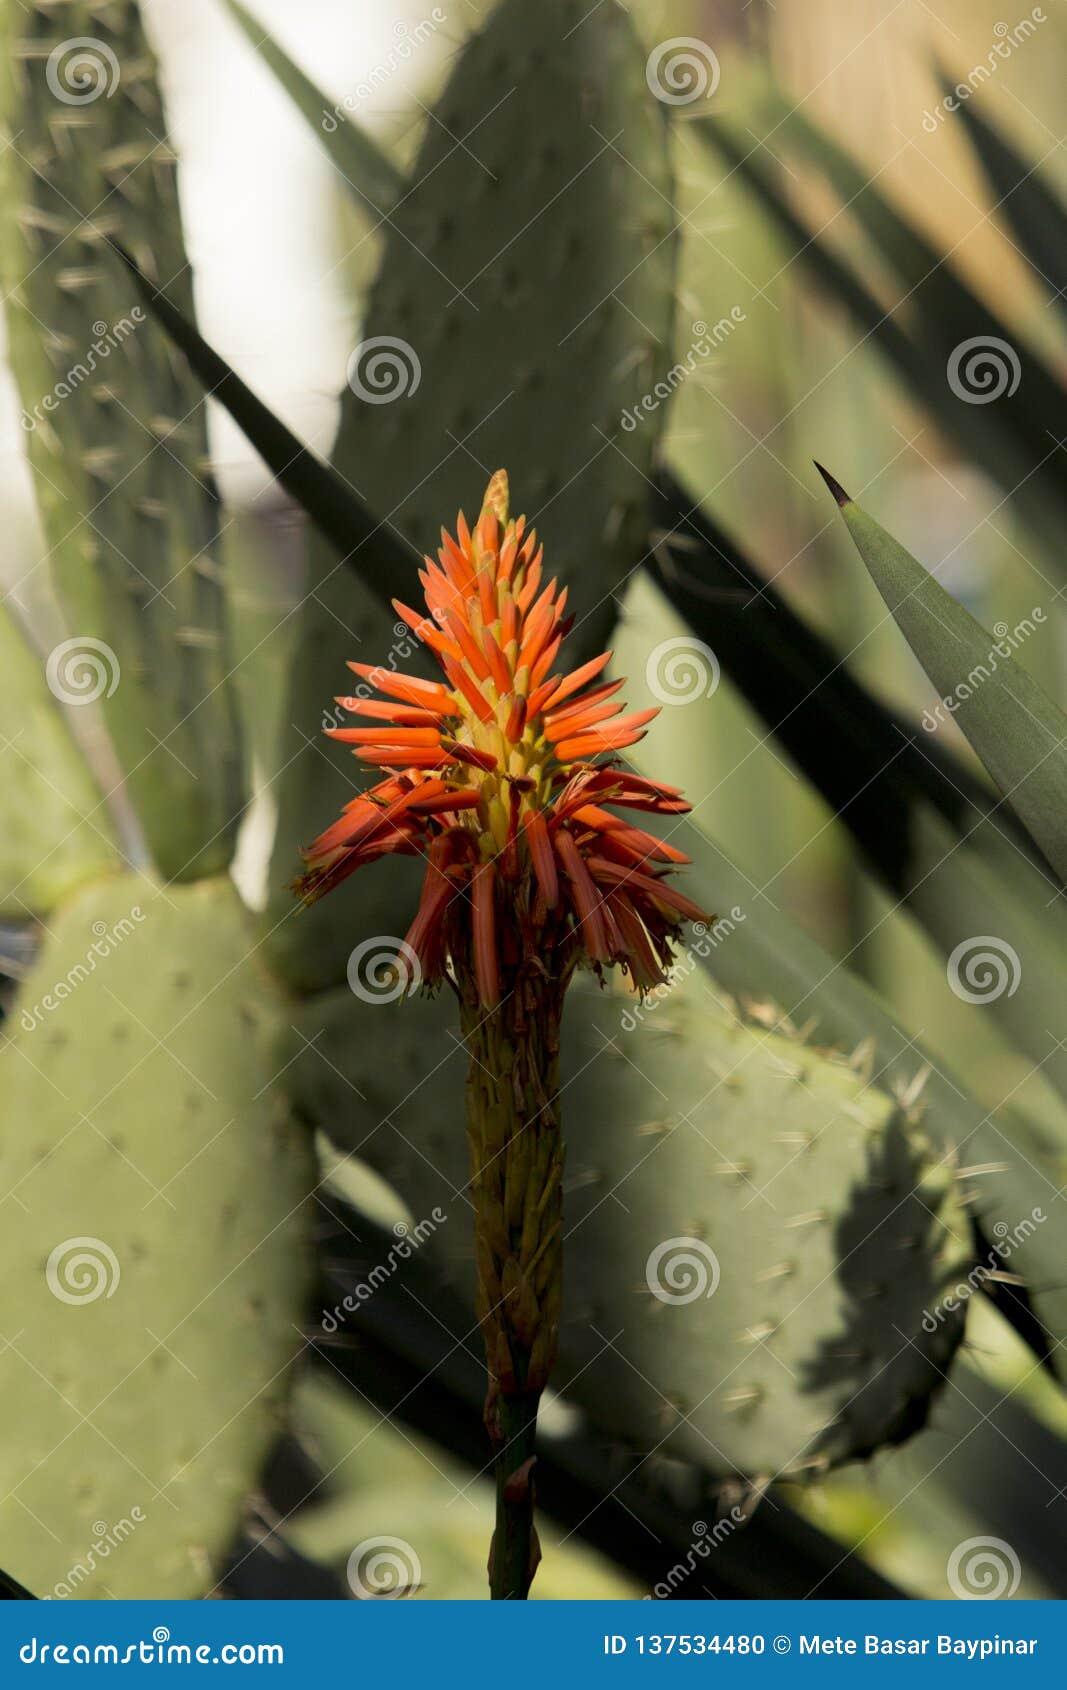 关闭芦荟维拉有仙人掌叶子的头状花序从图尔古特雷伊斯,土耳其